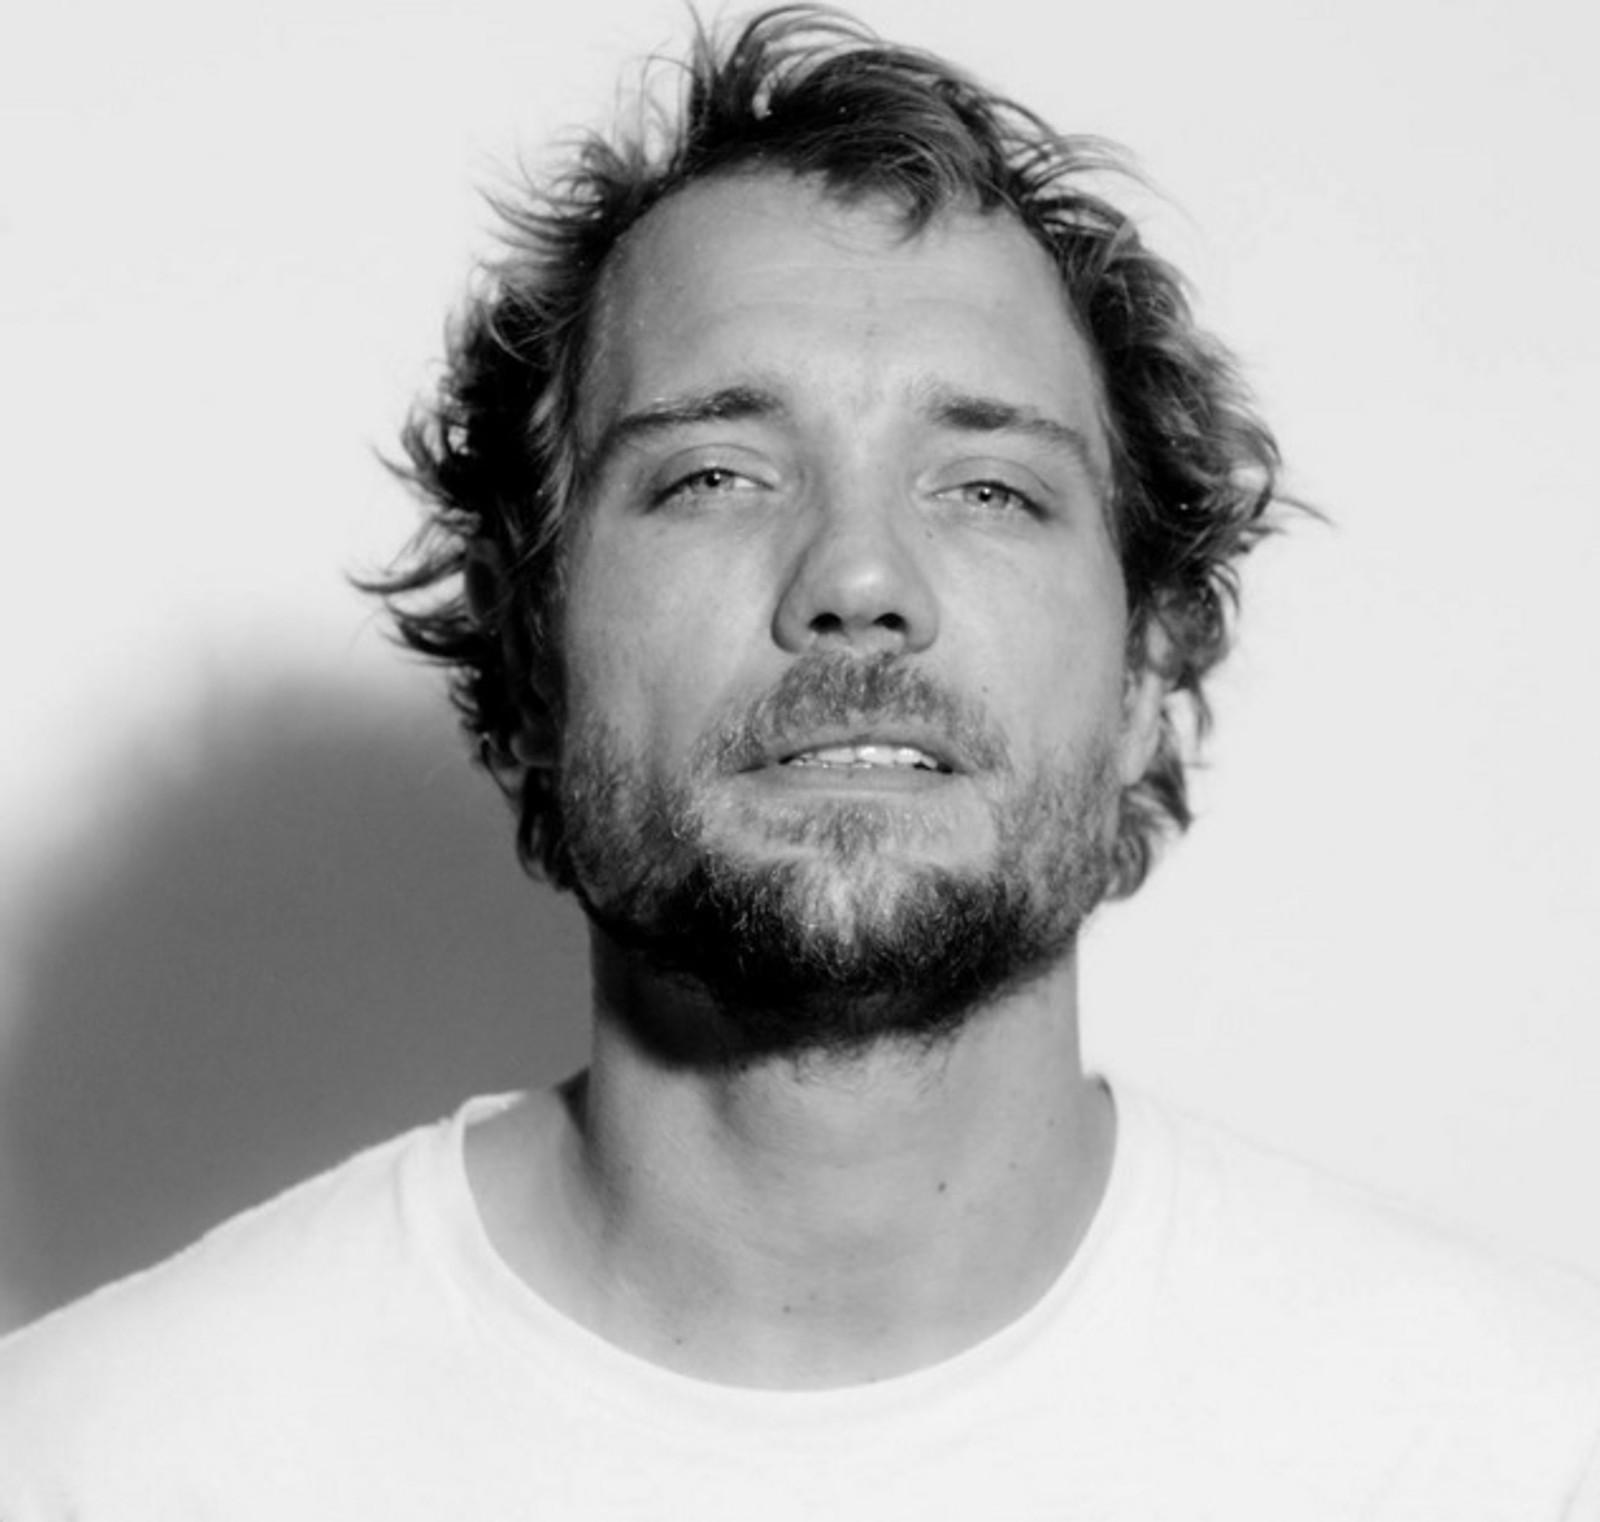 DREPT: Romain Didier (32) var rugbyspiller i klubben Crocodiles Rugby Team. På kafeén Rue de Charonne spiste han middag med kjæresten sin. Begge ble drept.